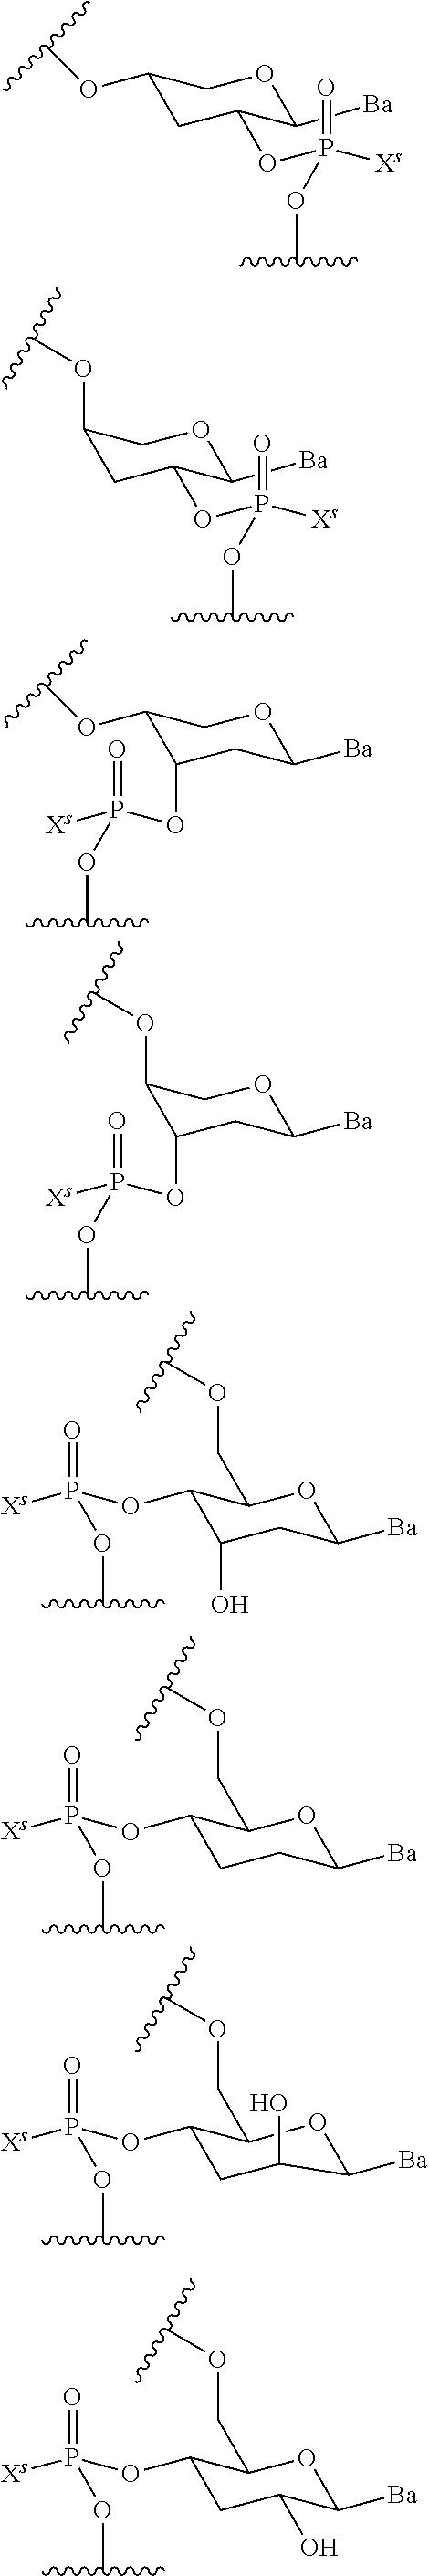 Figure US10160969-20181225-C00199